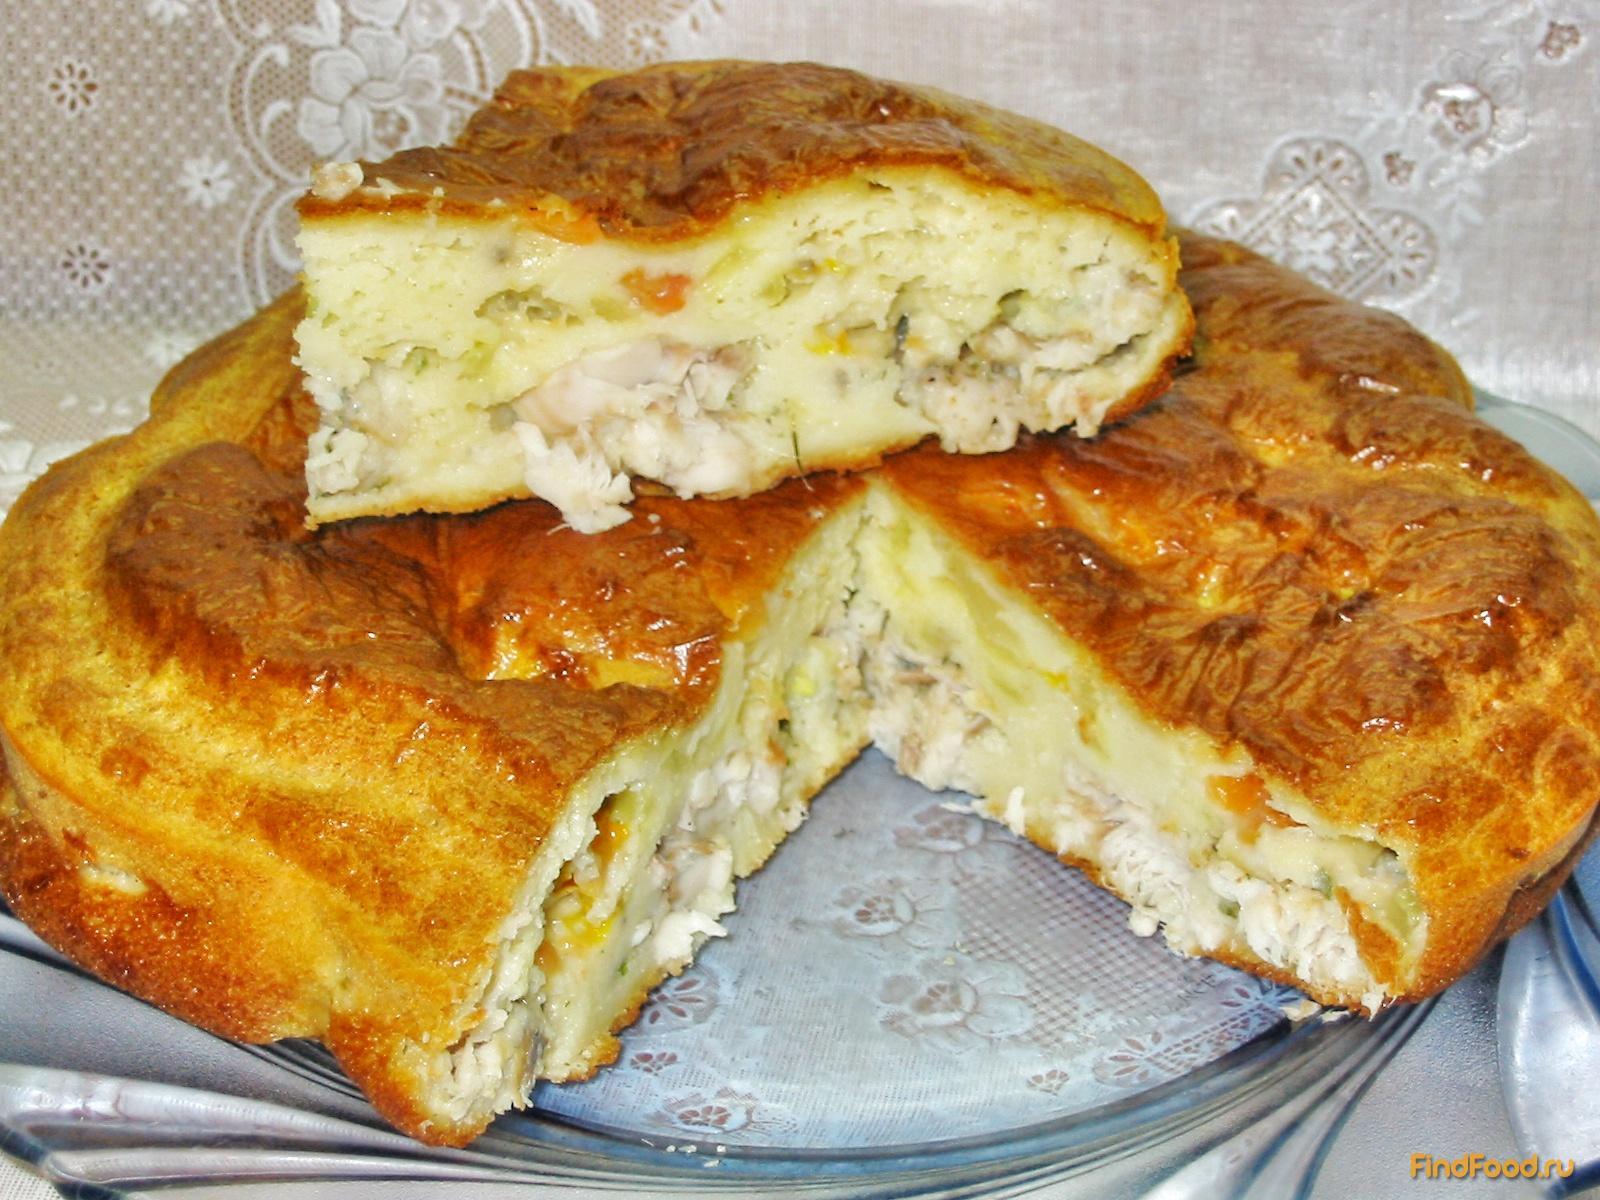 рецепт заливной рыбы в духовке с фото